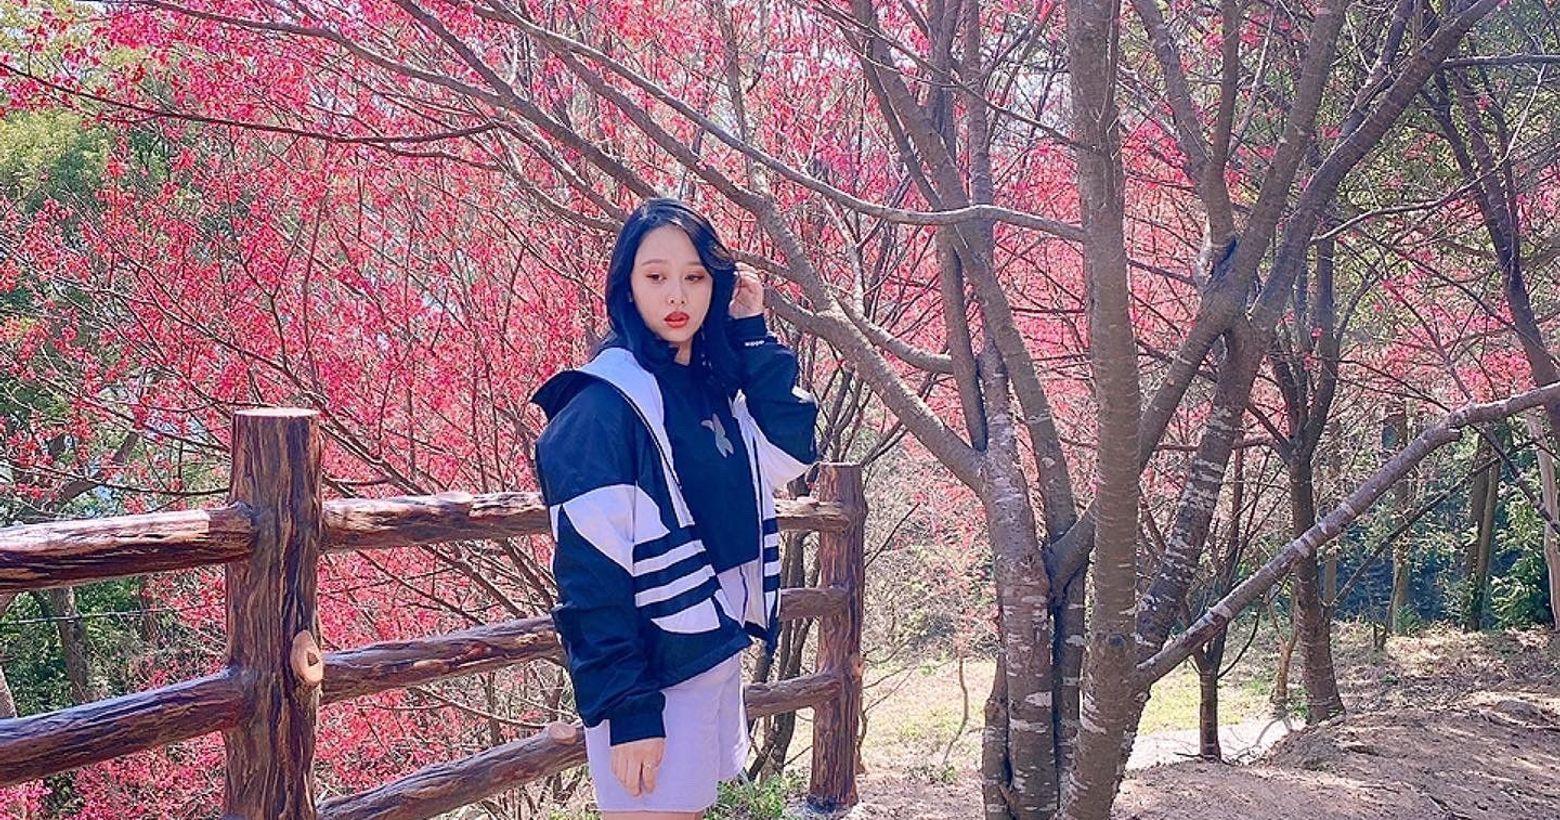 協雲宮|粉嫩嫩櫻花季📍協雲宮|櫻花步道*本篇是2021.02.07的花況*櫻花的粉嫩真的很療癒🌸